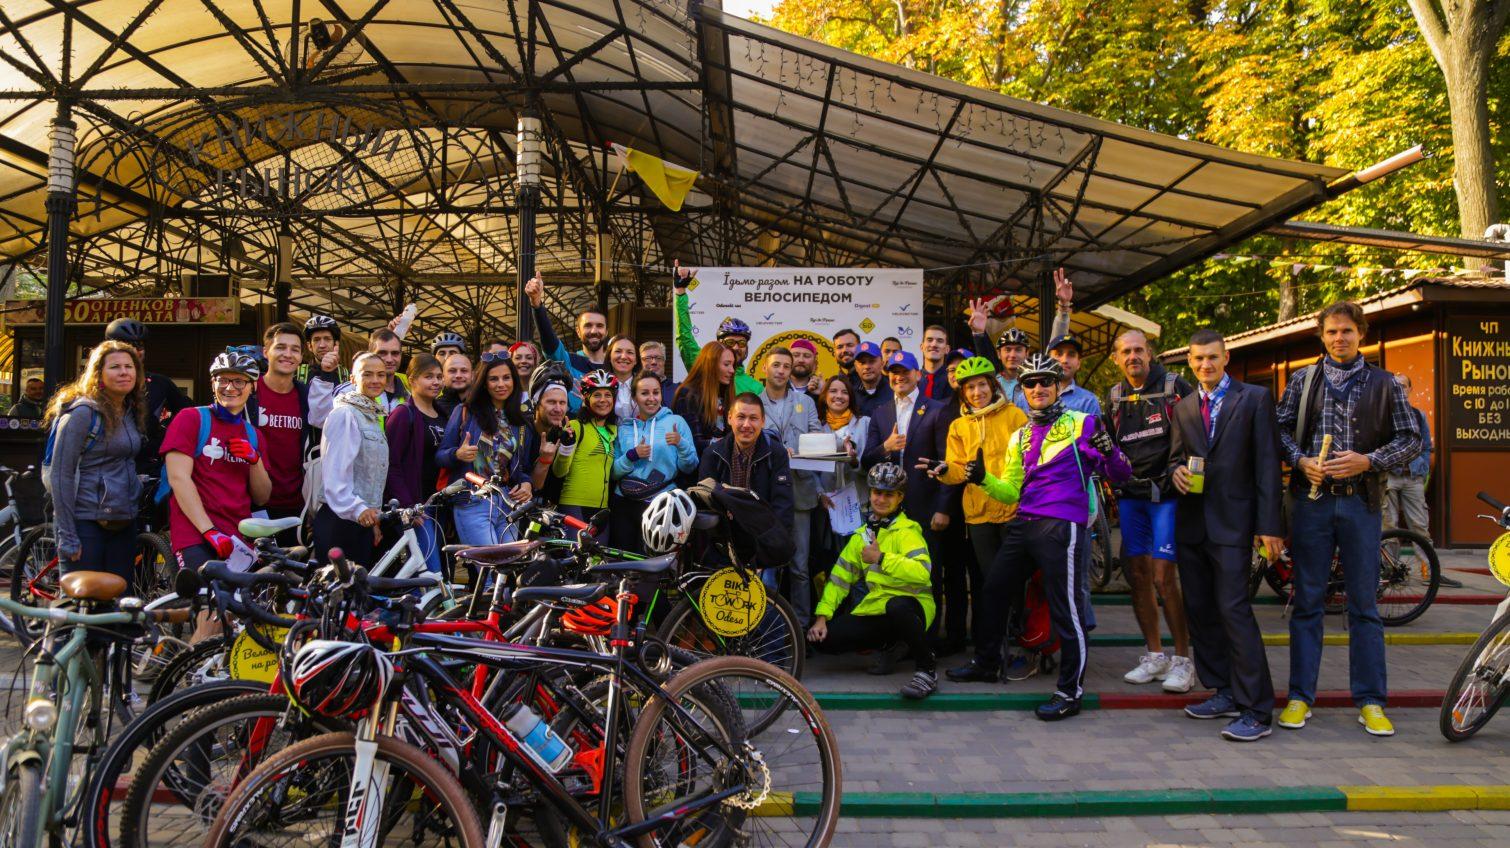 Удобно, экологично и просто красиво: в Одессе состоялся флешмоб «Велосипедом на работу» (фоторепортаж) «фото»